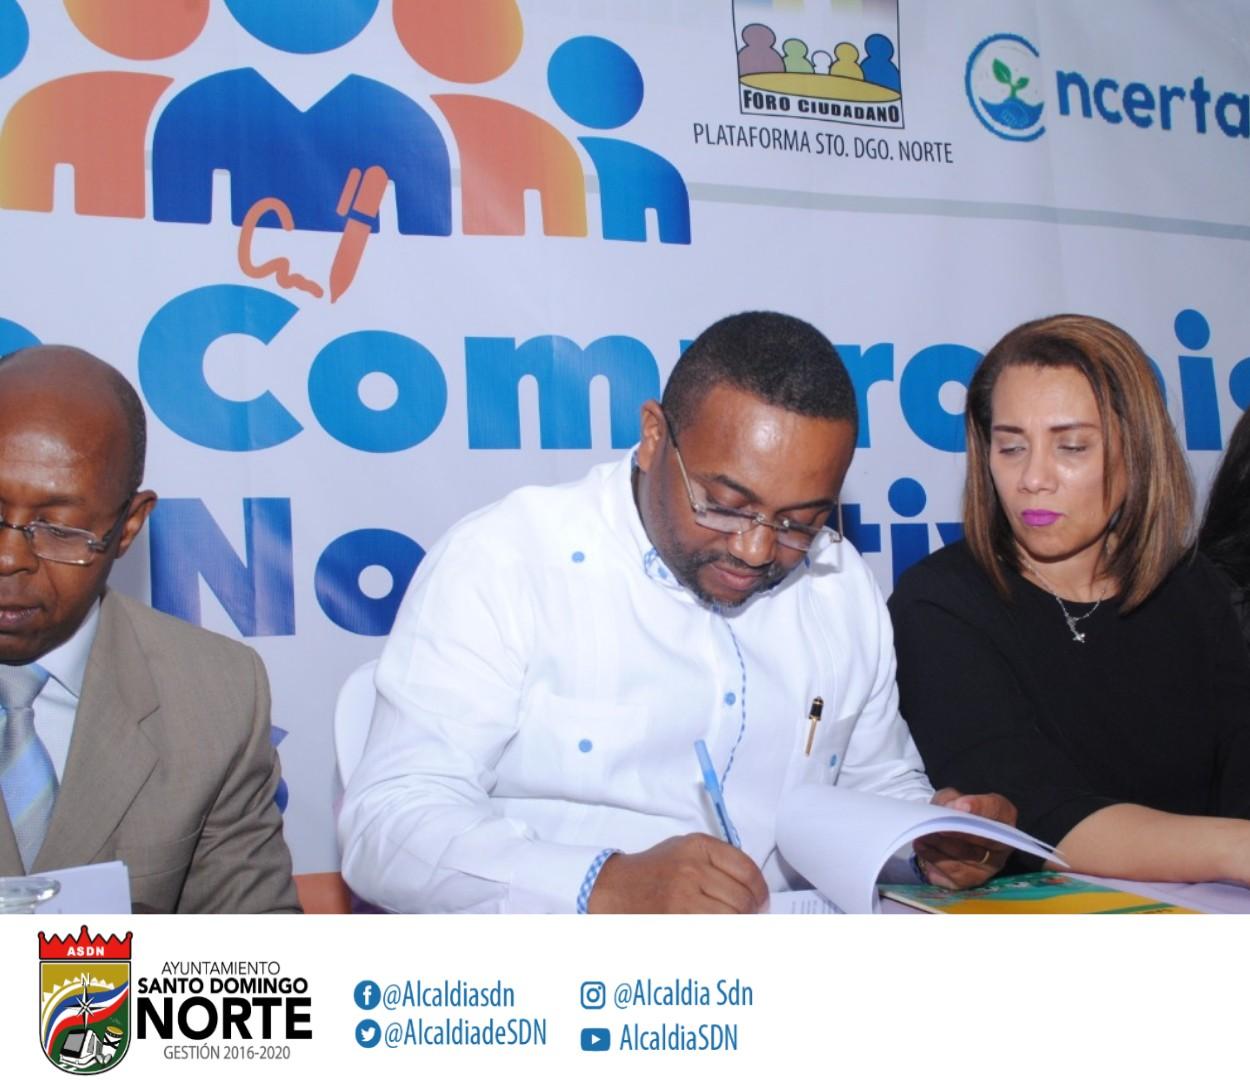 La Alcaldía de SDN firma Compromiso por las normativas y prioridades del municipio.